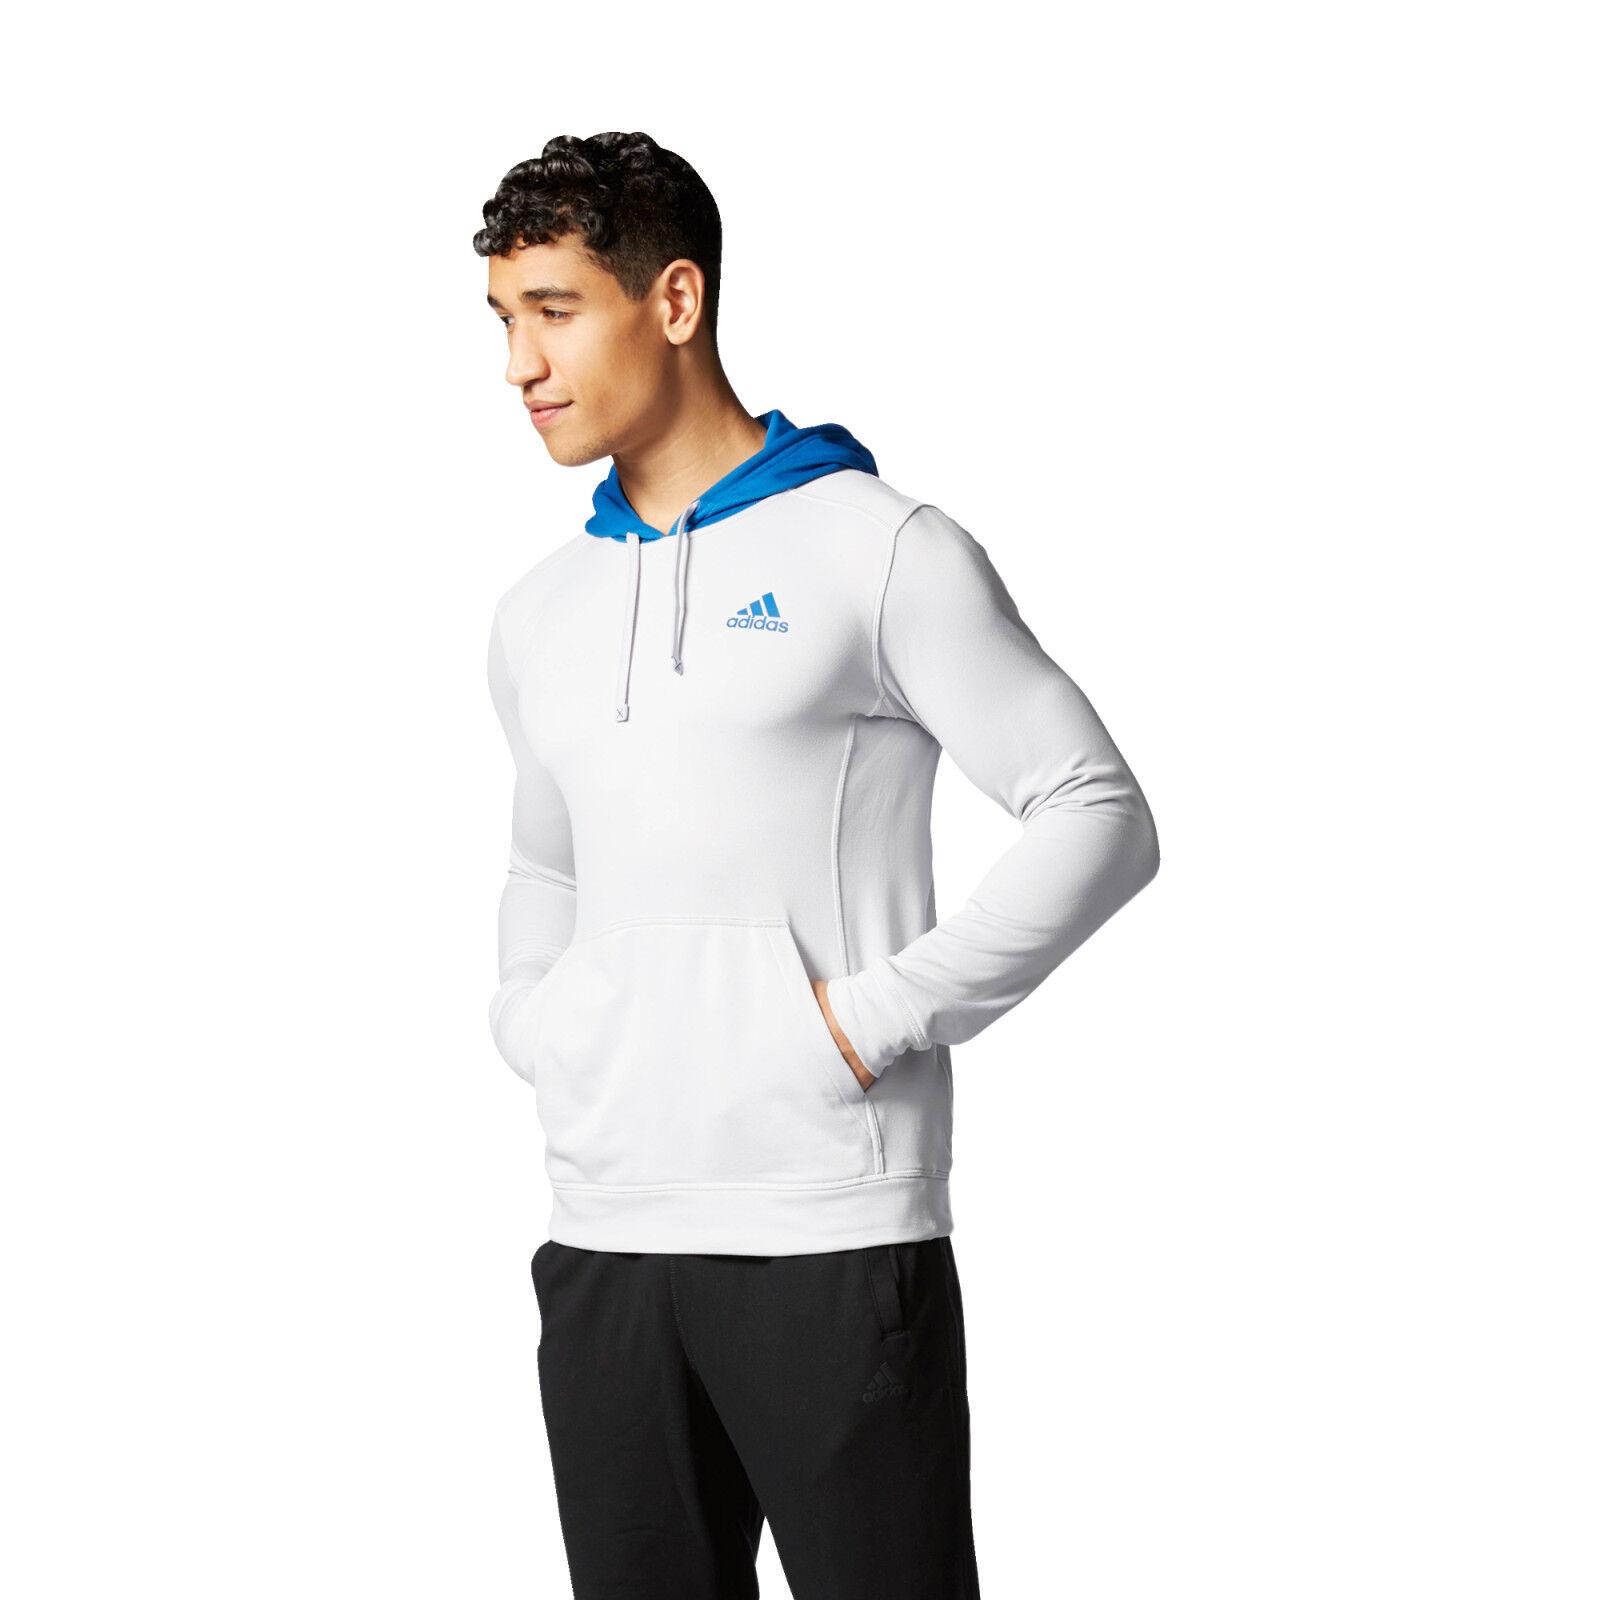 Adidas uomini della climawarm tech della uomini felpa felpa grigio chiaro / blu taglia xl ff87dc